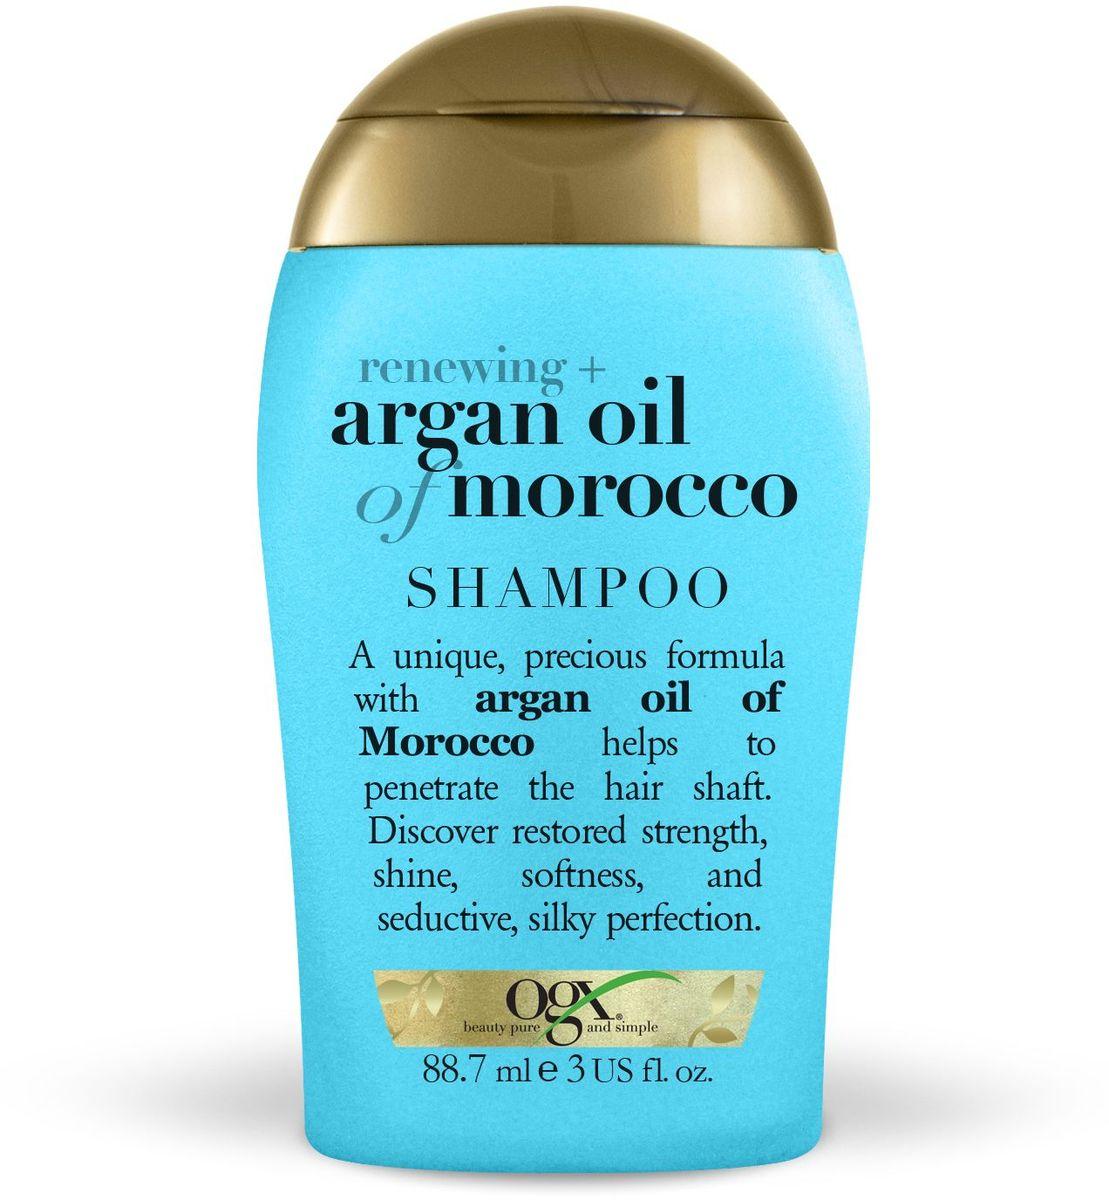 OGX Мини шампунь для восстановления волос с аргановым маслом, 89 мл.FS-00897Шампунь для восстановления волос с аргановым маслом, обогащенный антиоксидантами, способствует обновлению клеточной структуры волос, придает сияния и мягкость.